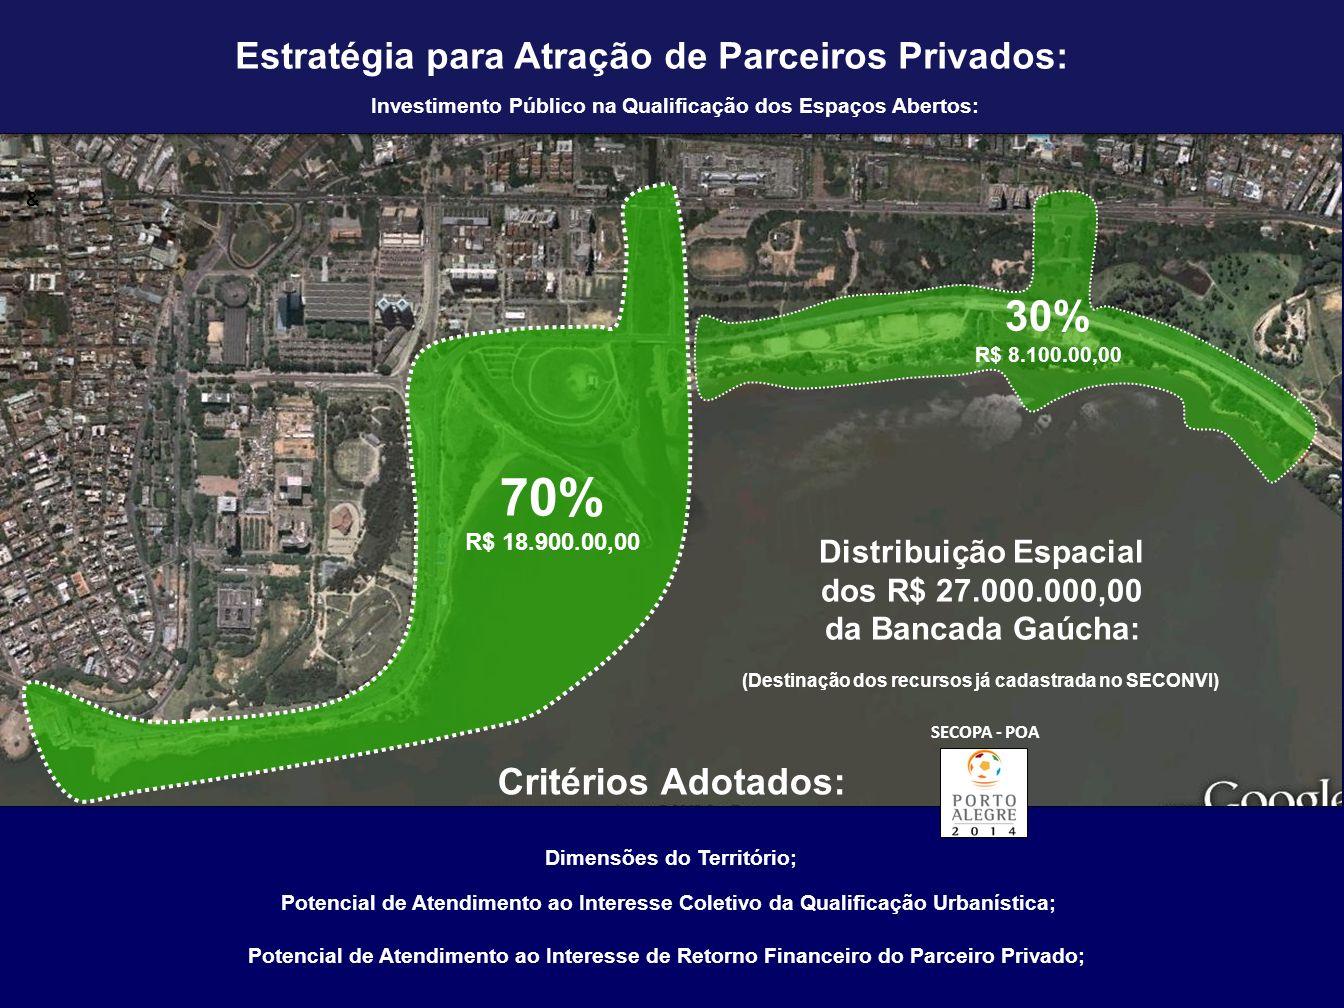 Investimento Público na Qualificação dos Espaços Abertos: Estratégia para Atração de Parceiros Privados. Estratégia para Atração de Parceiros Privados